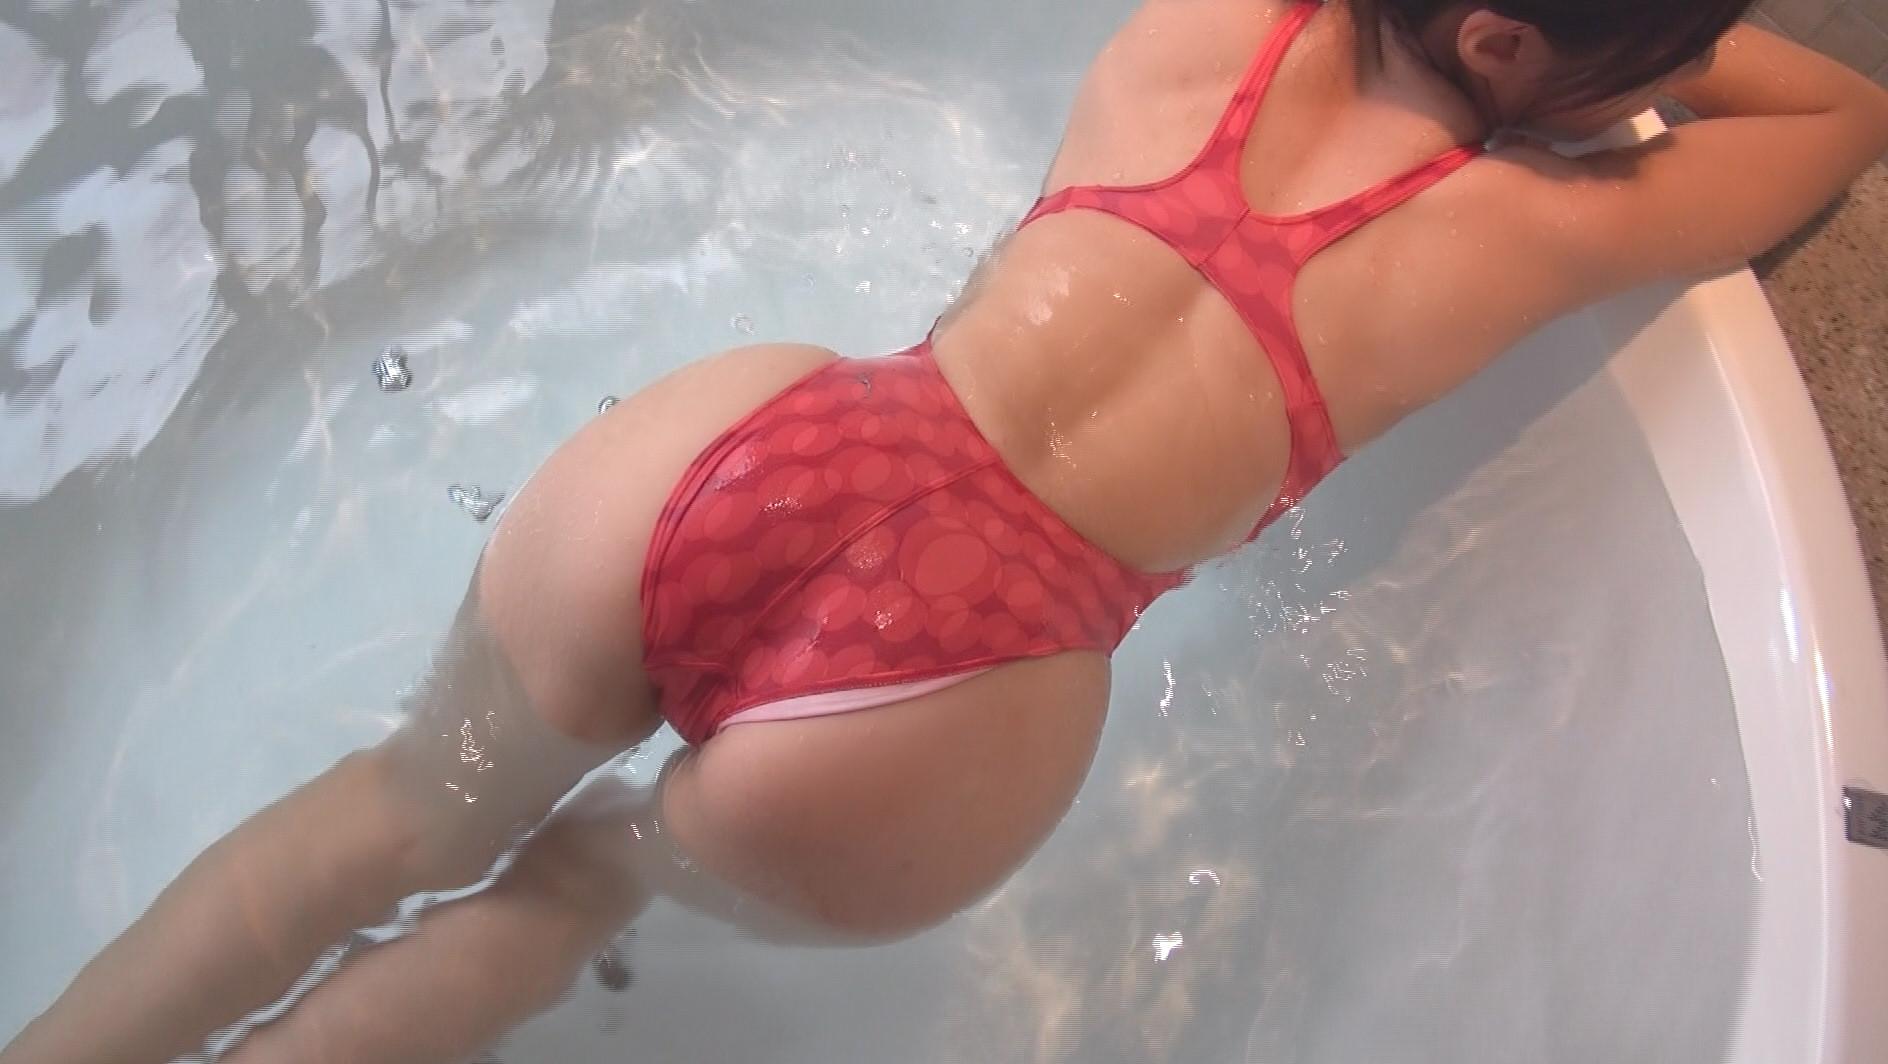 僕の彼女の競泳水着 玲26歳 信用金庫勤務 3 画像4